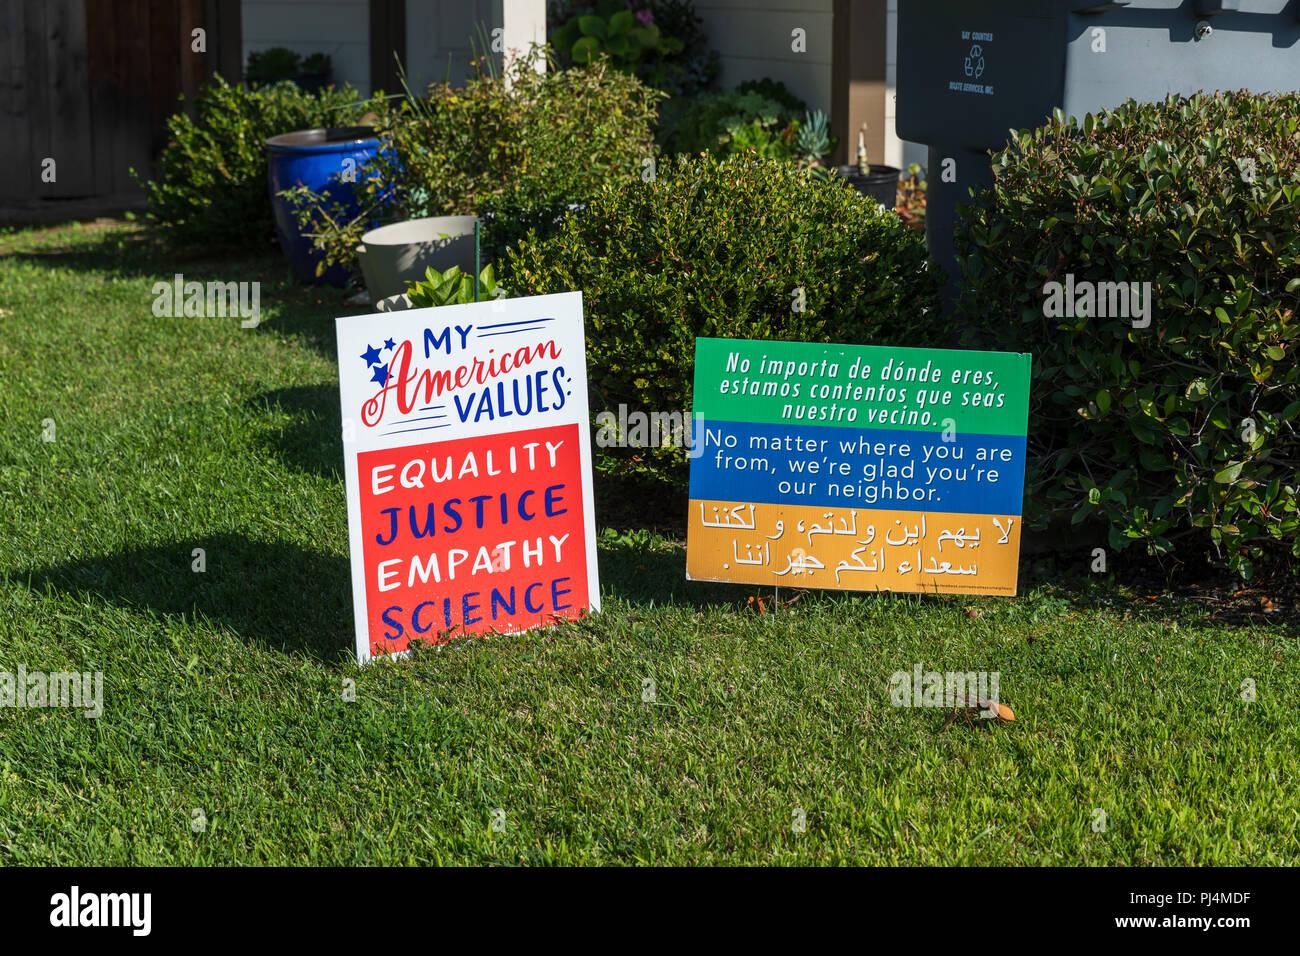 I miei valori americani: uguaglianza, giustizia, empatia, scienza; segni al di fuori di casa a Sunnyvale, California Immagini Stock